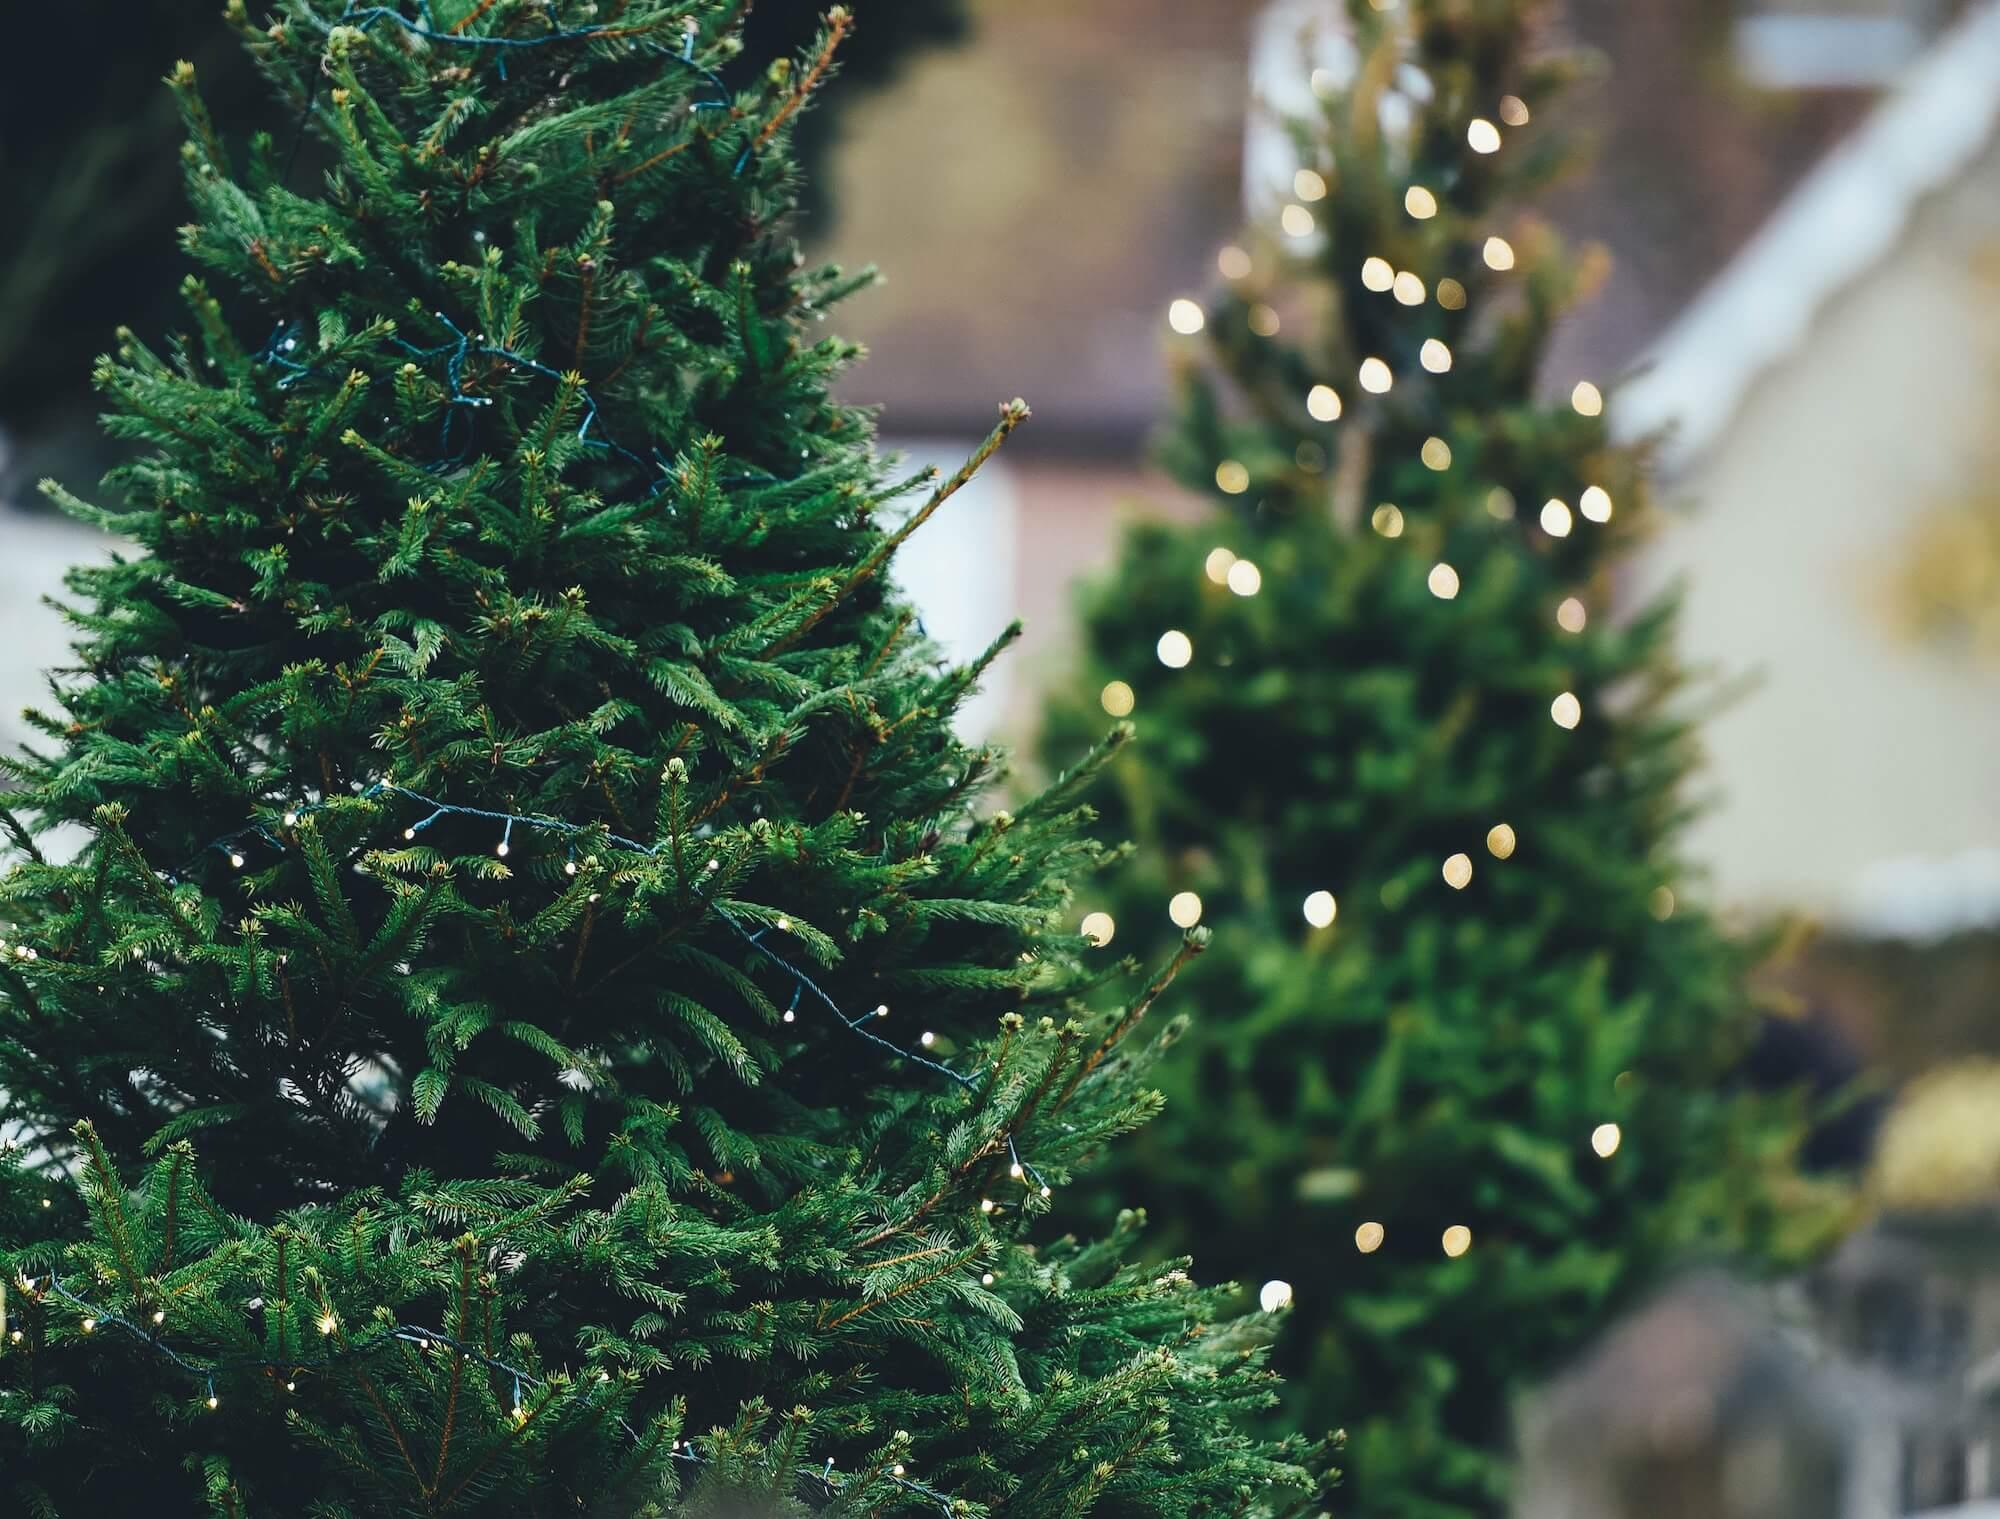 Lebender Christbaum – Nachhaltigkeit zur Weihnachtszeit